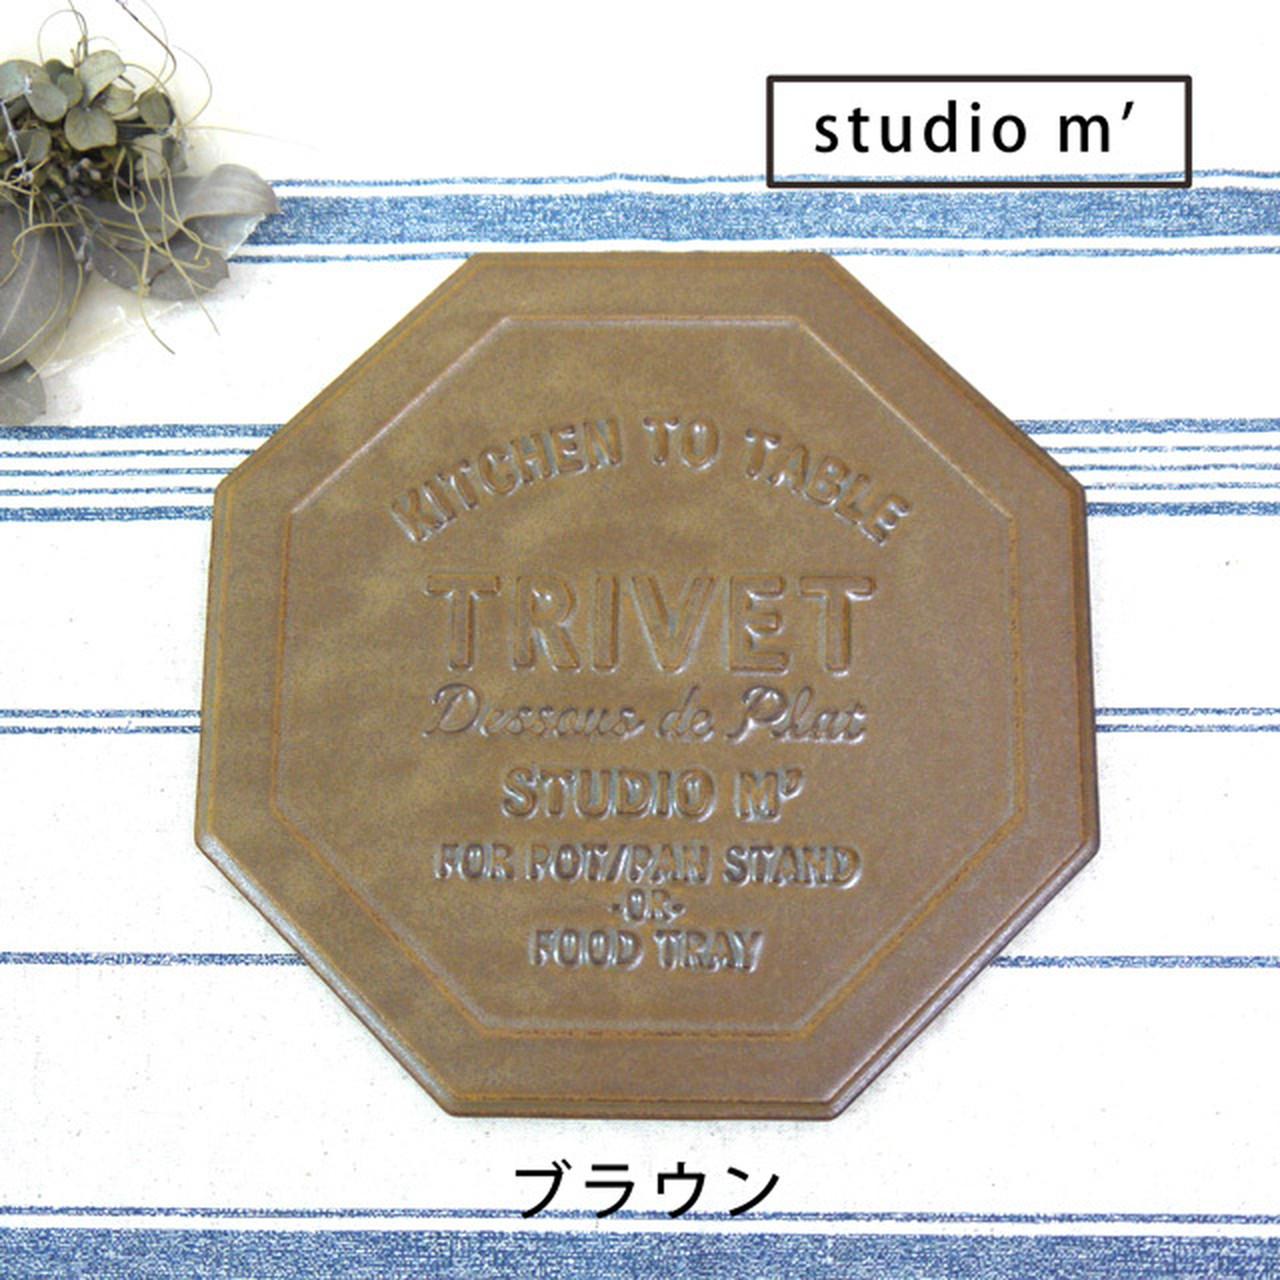 < スタジオエム>studiom' トリベット